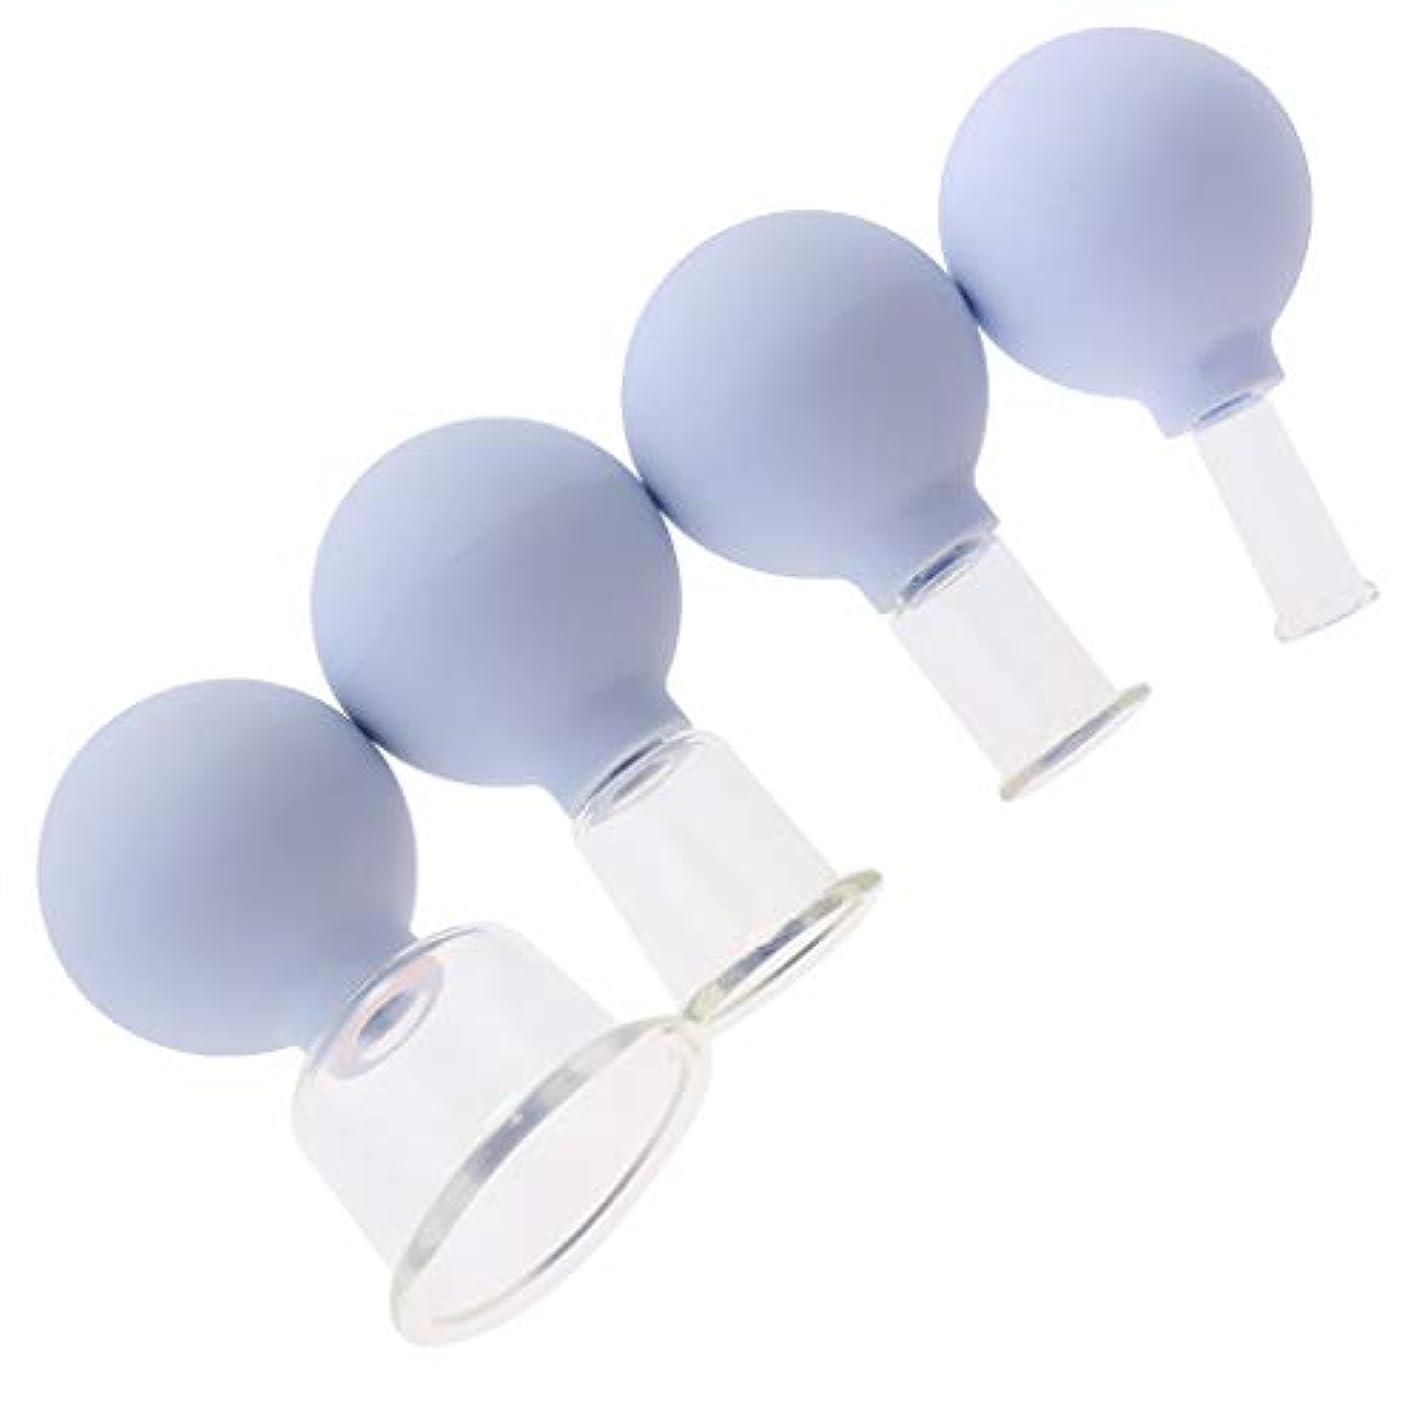 提供された限られたミニチュアKESOTO 4個 マッサージ吸い玉 カッピングカップ ガラスカッピング 真空 男女兼用 実用的 全3色 - 白